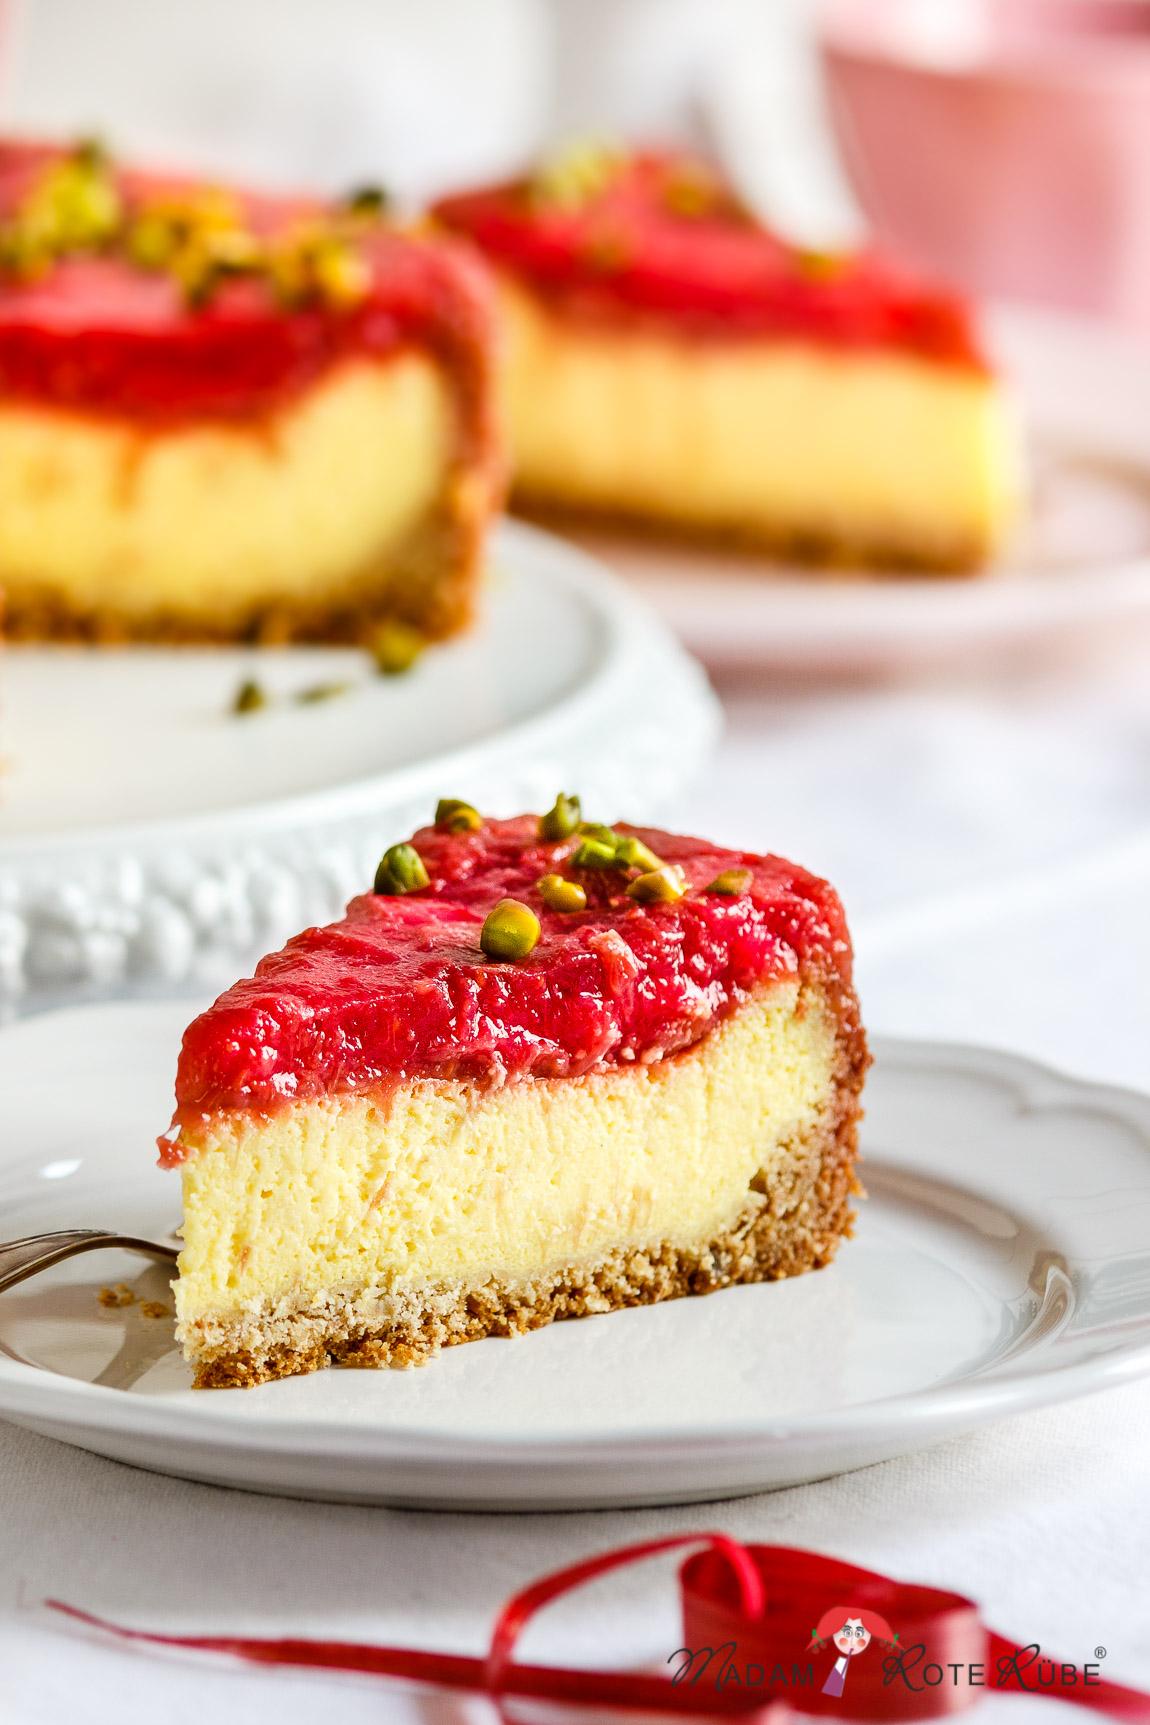 Madam Rote Rübe - Grießpudding-Kuchen mit Rhabarber-Himbeer-Kompott